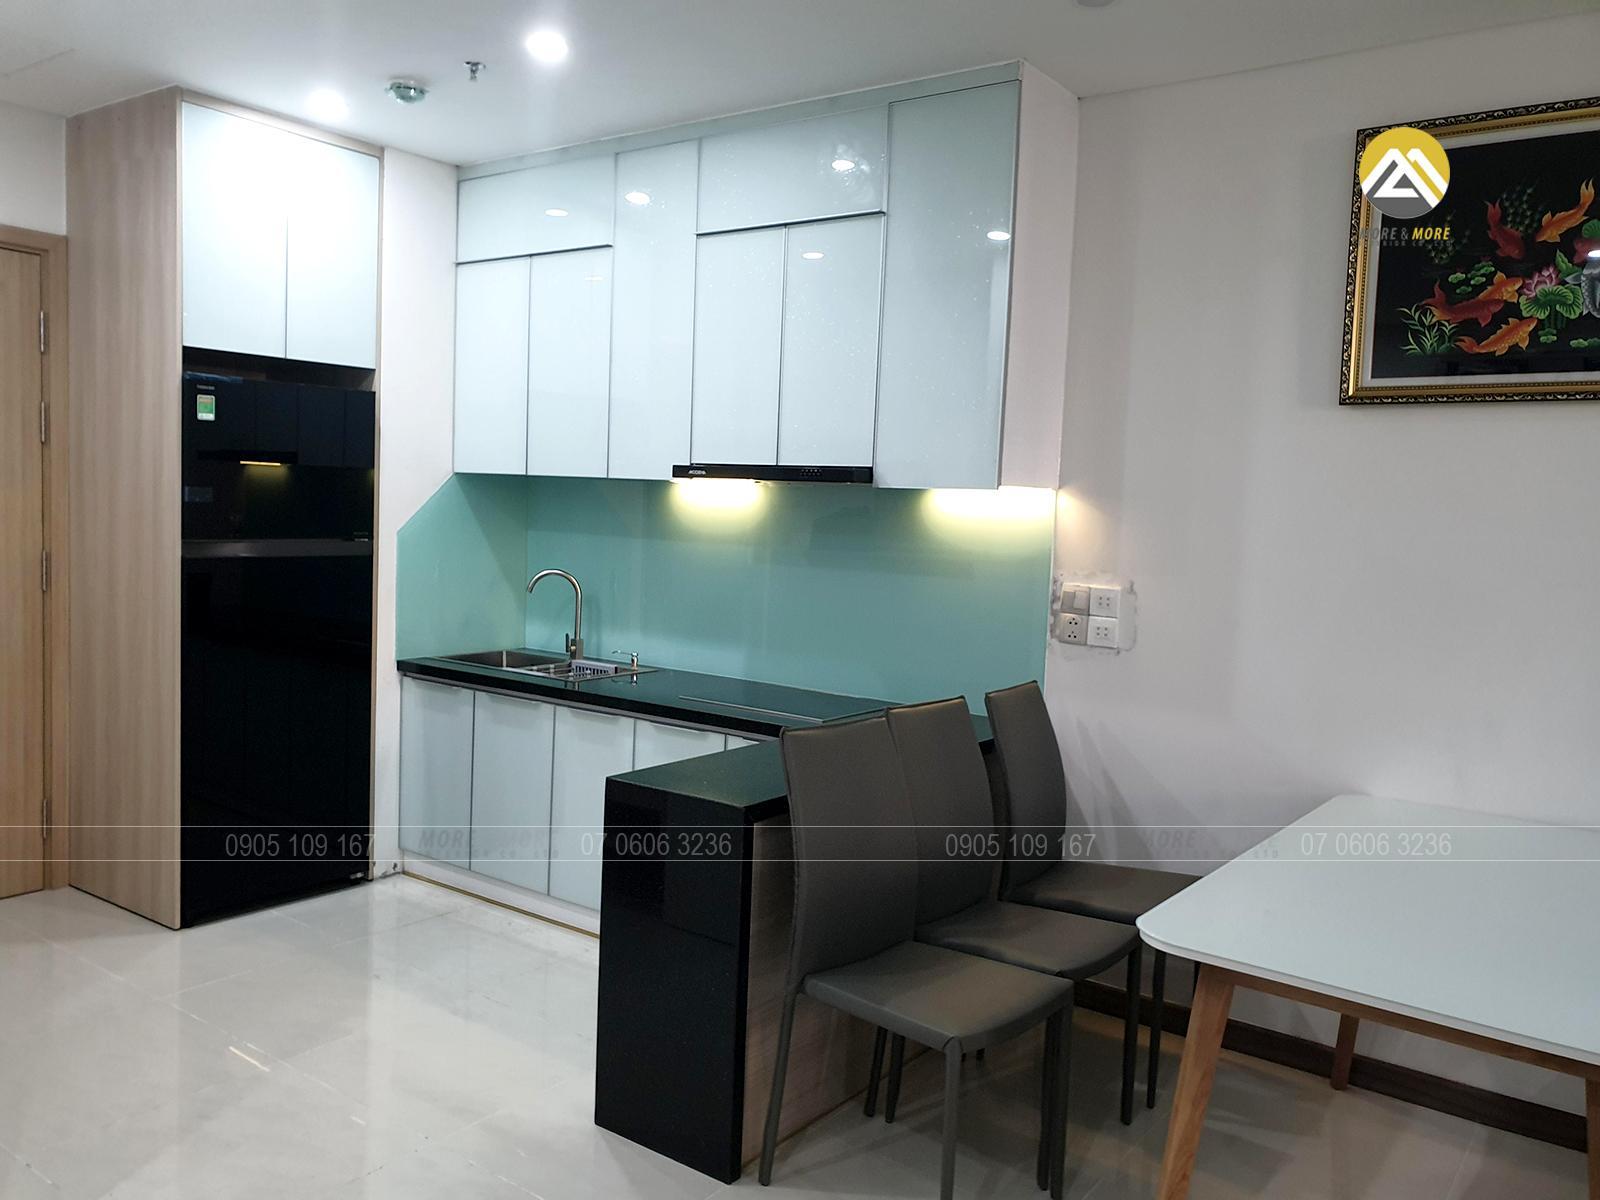 Nội thất bếp tại căn hộ Hà Đô quận 10